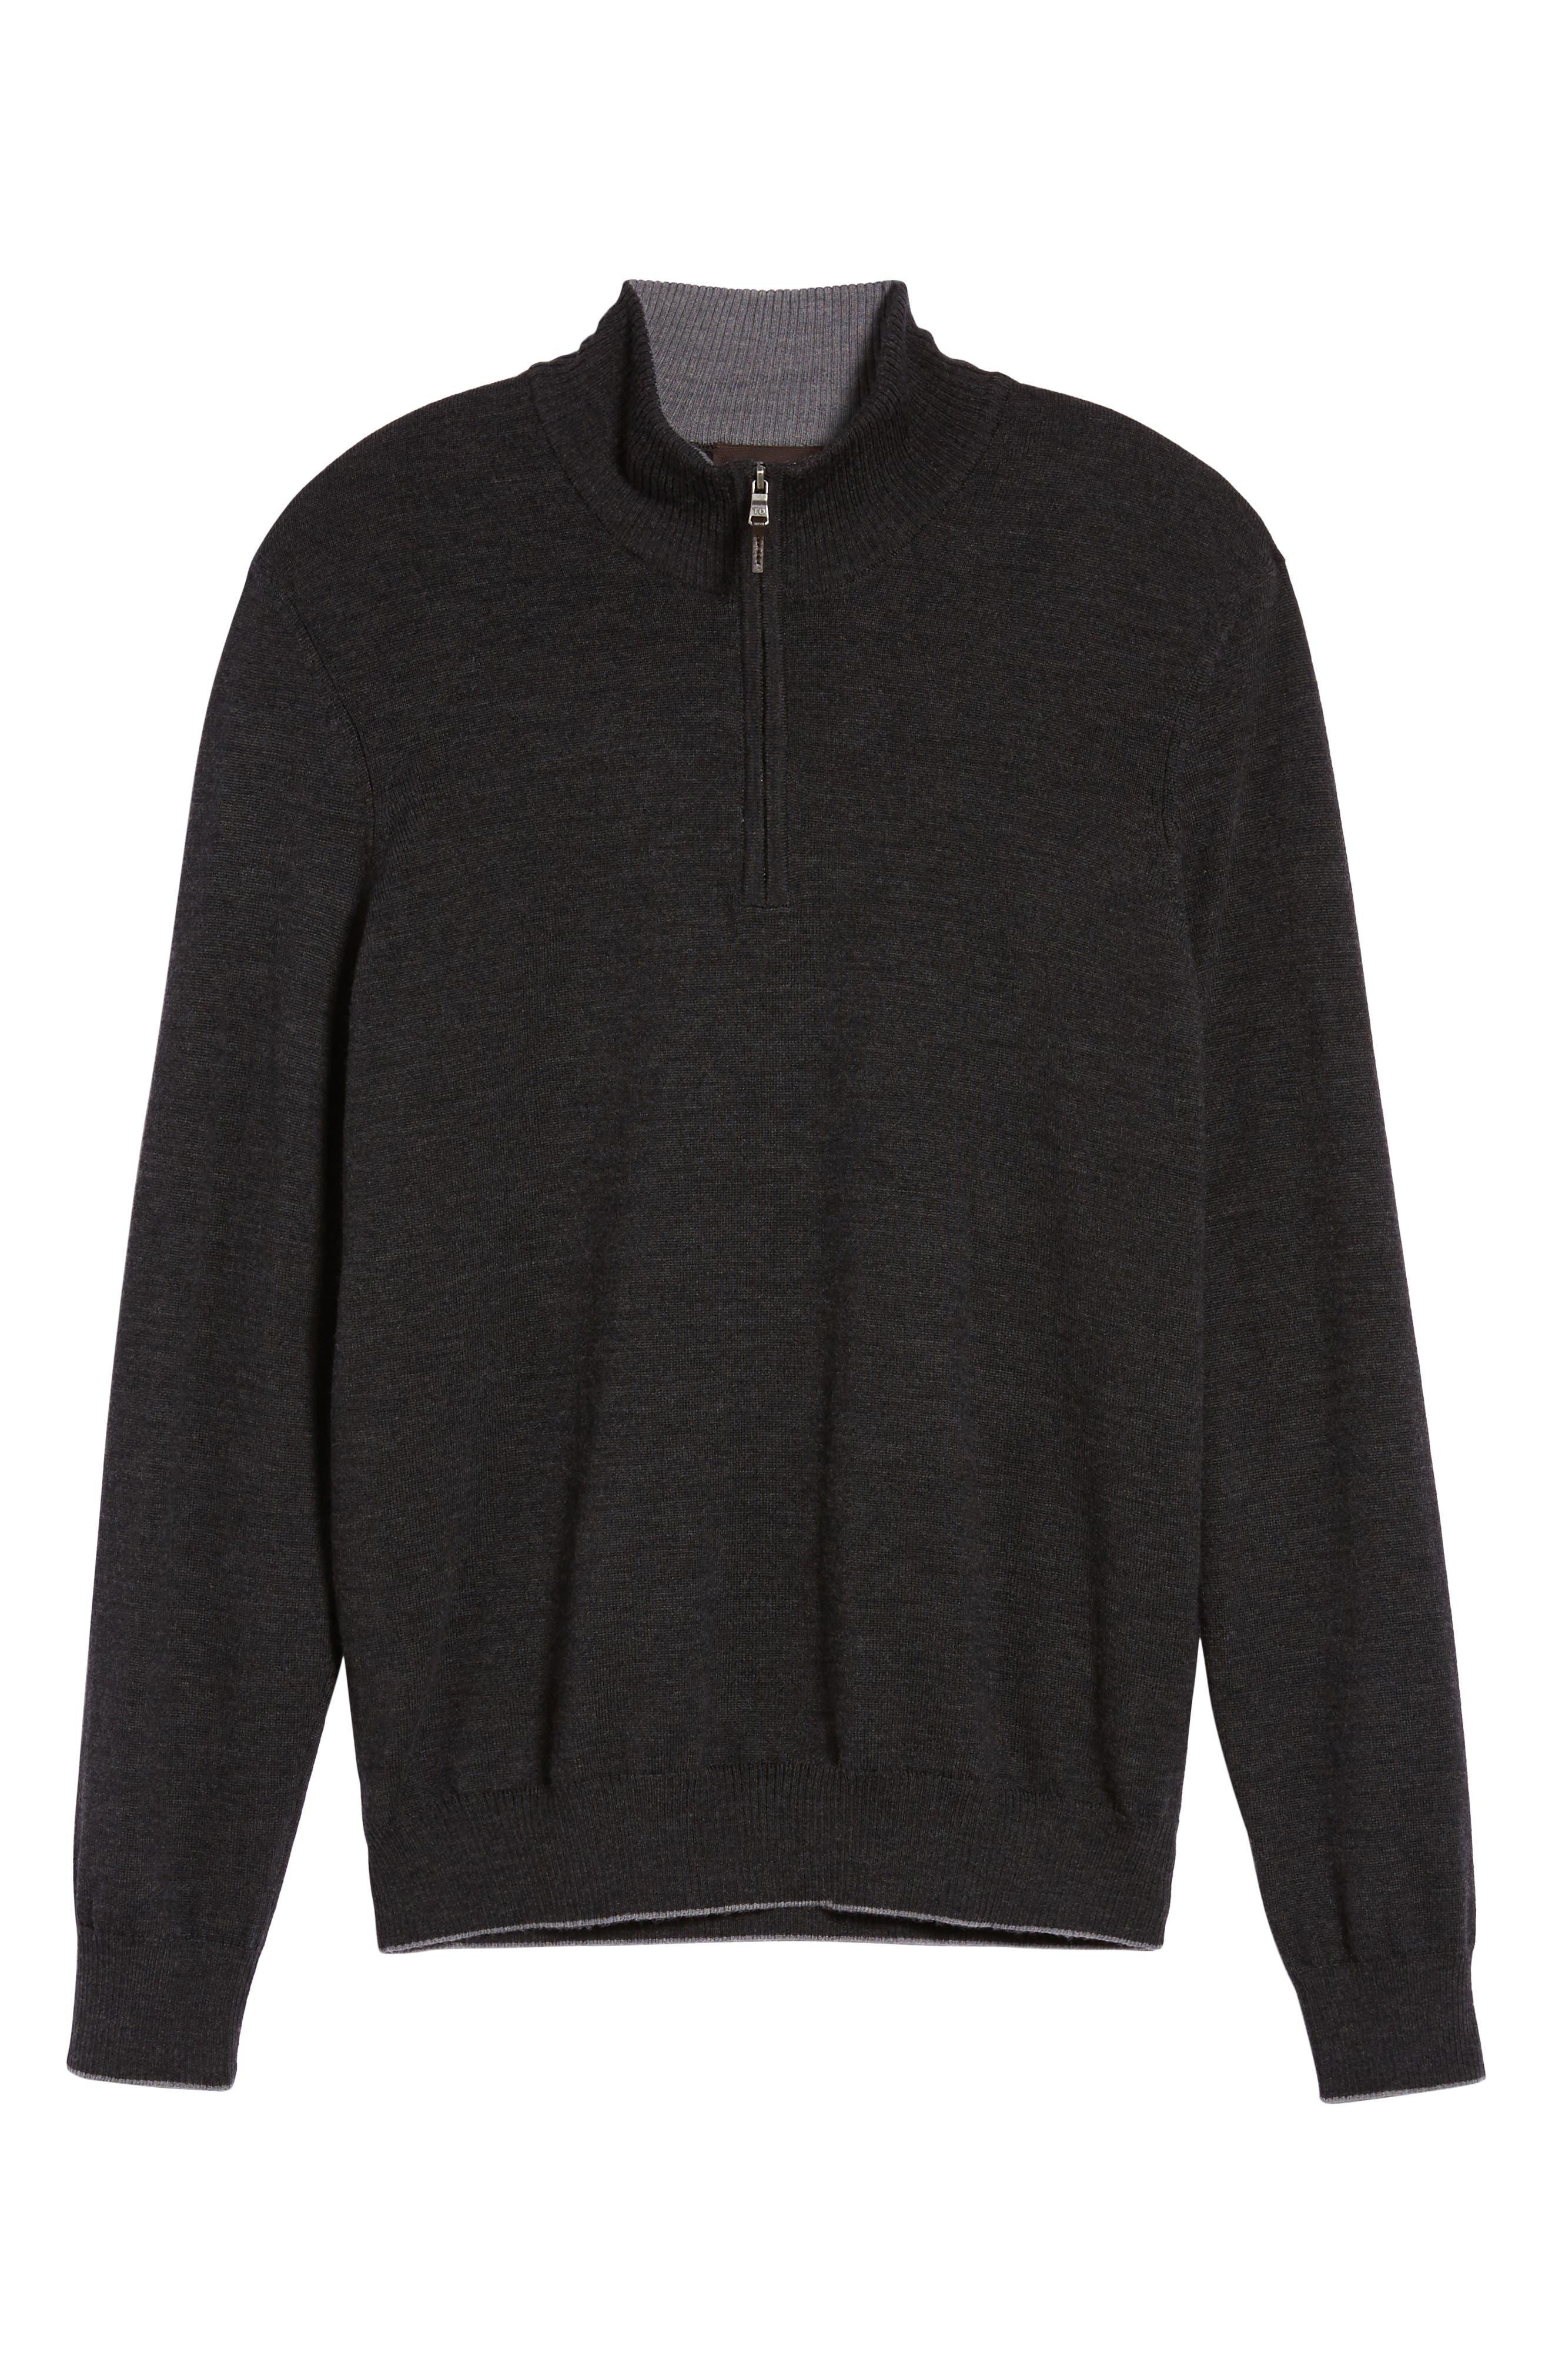 Main Image - Thomas Dean Merino Wool Blend Quarter Zip Sweater